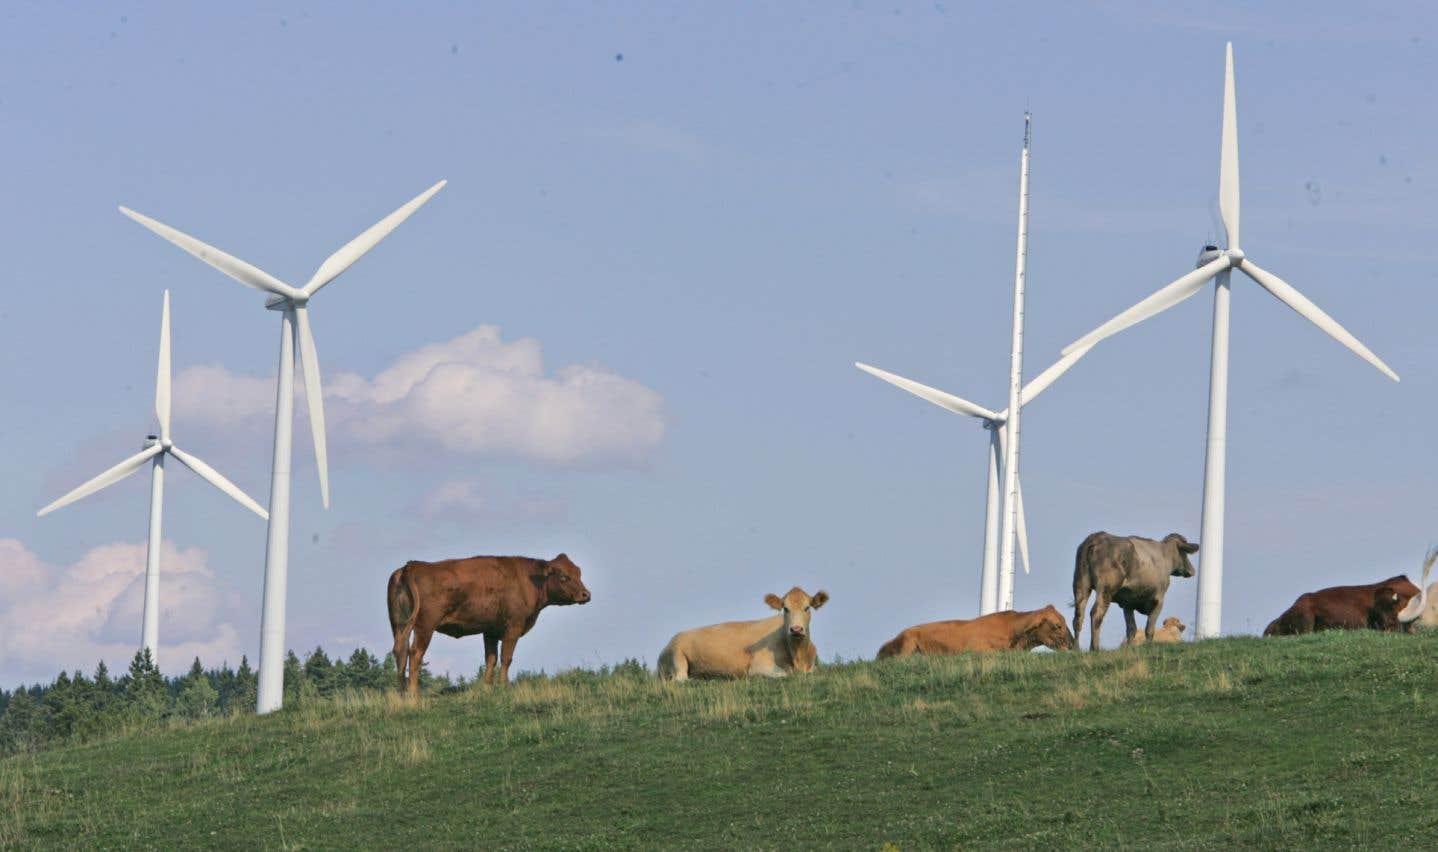 Québec mise sur l'éolien malgré le marché défavorable